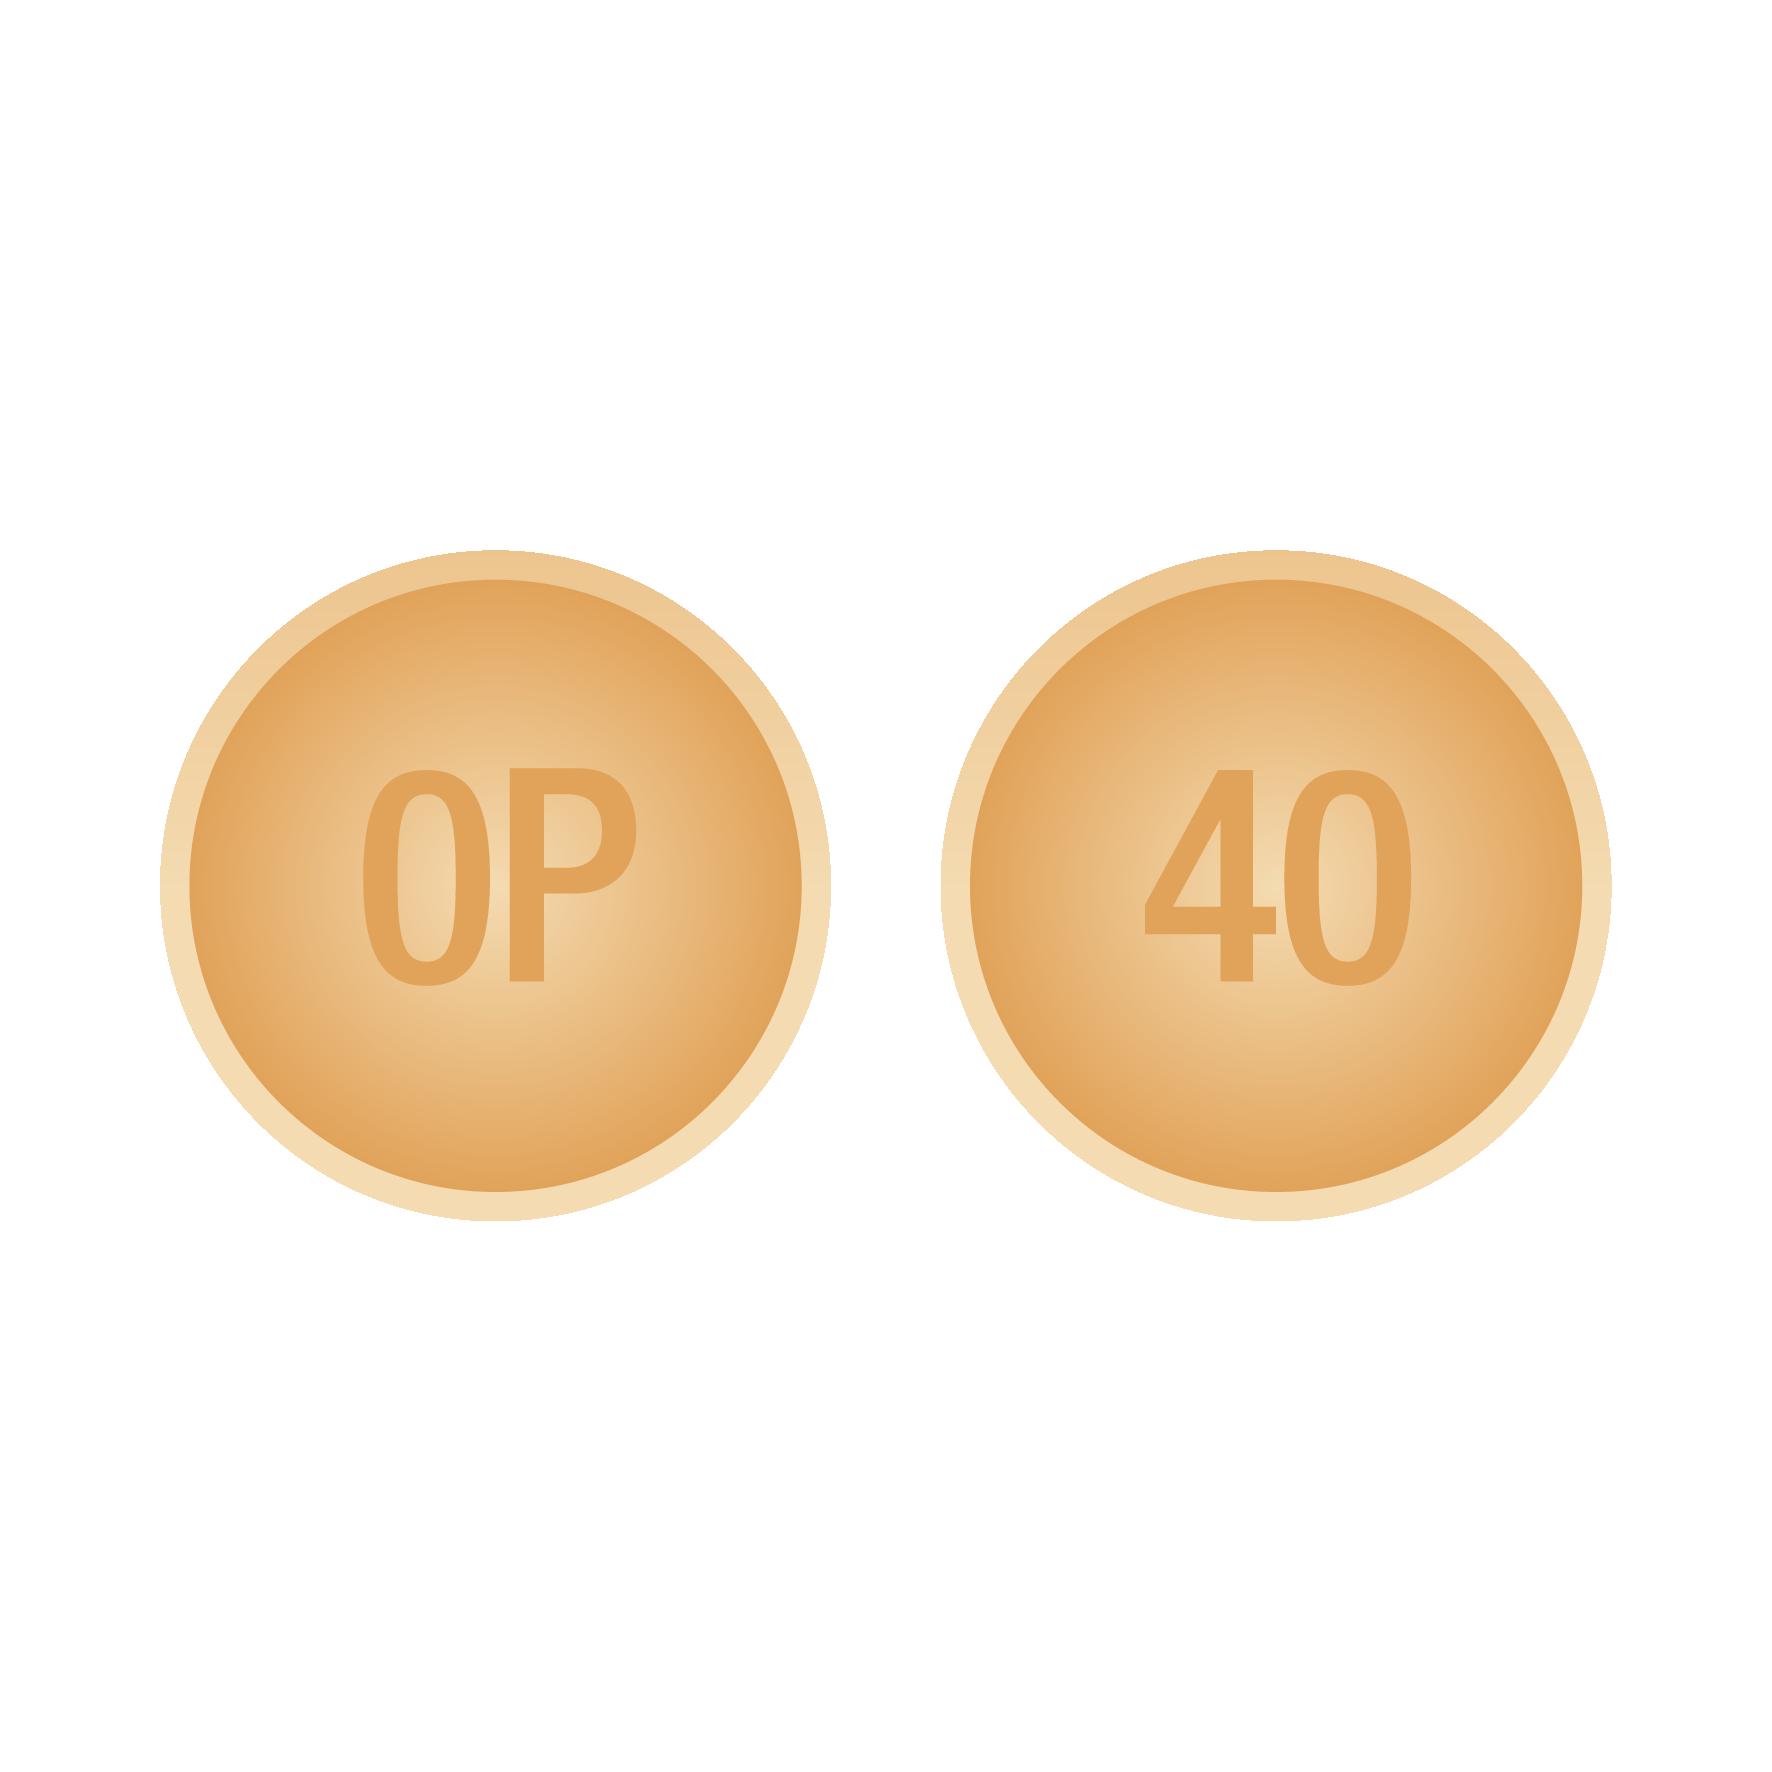 Oxi40